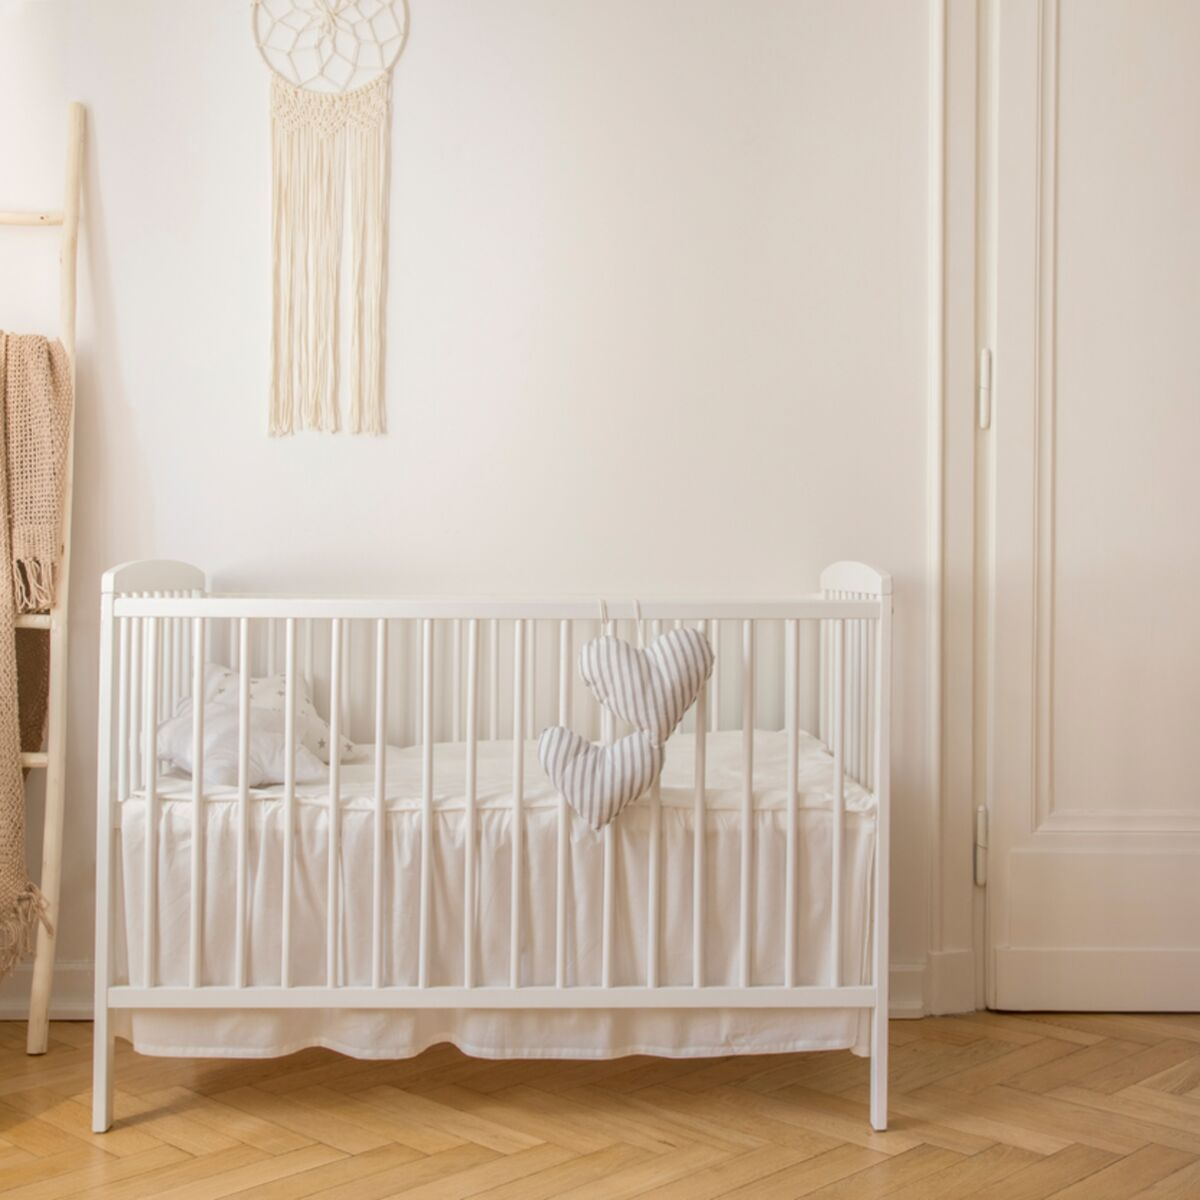 Faire Une Belle Chambre 6 conseils pour préparer la chambre de bébé avant la